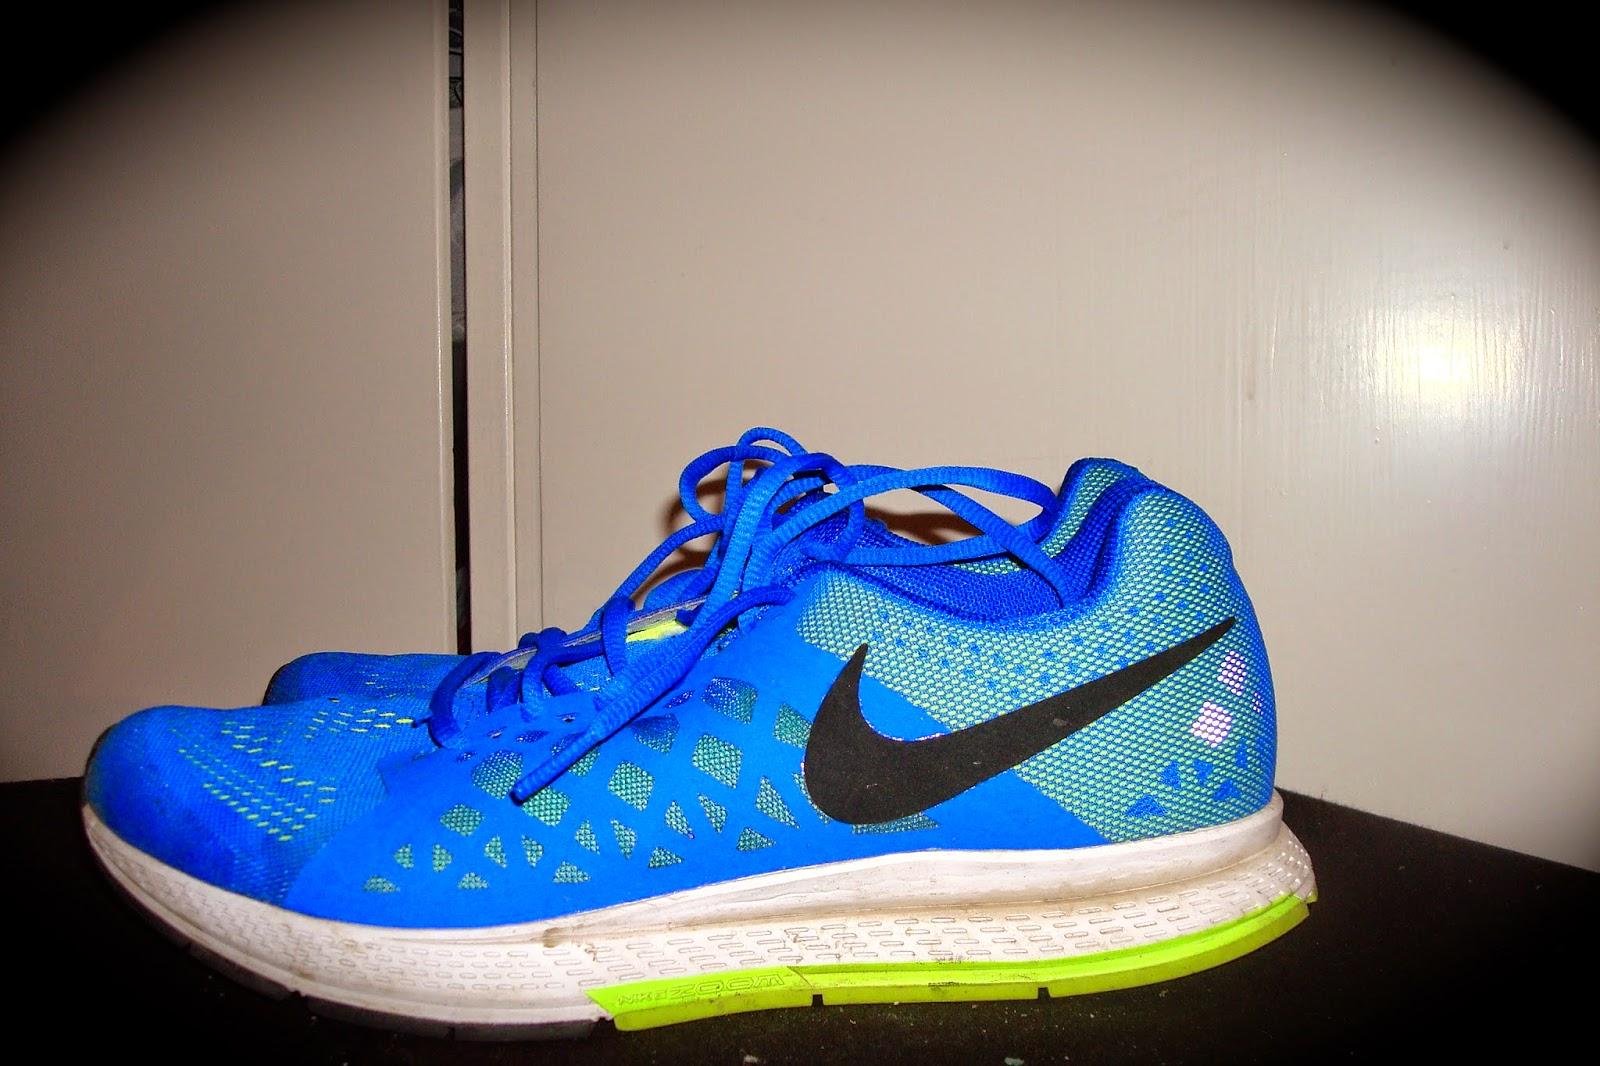 promo code b0b75 feb22 Nike pegasus 31. Tidigare sprang jag mycket i pegasus 30 men efter att ha  sprungit i 31 är det svårt att gå tillbaka igen, det är en sko som är  fantastiskt ...